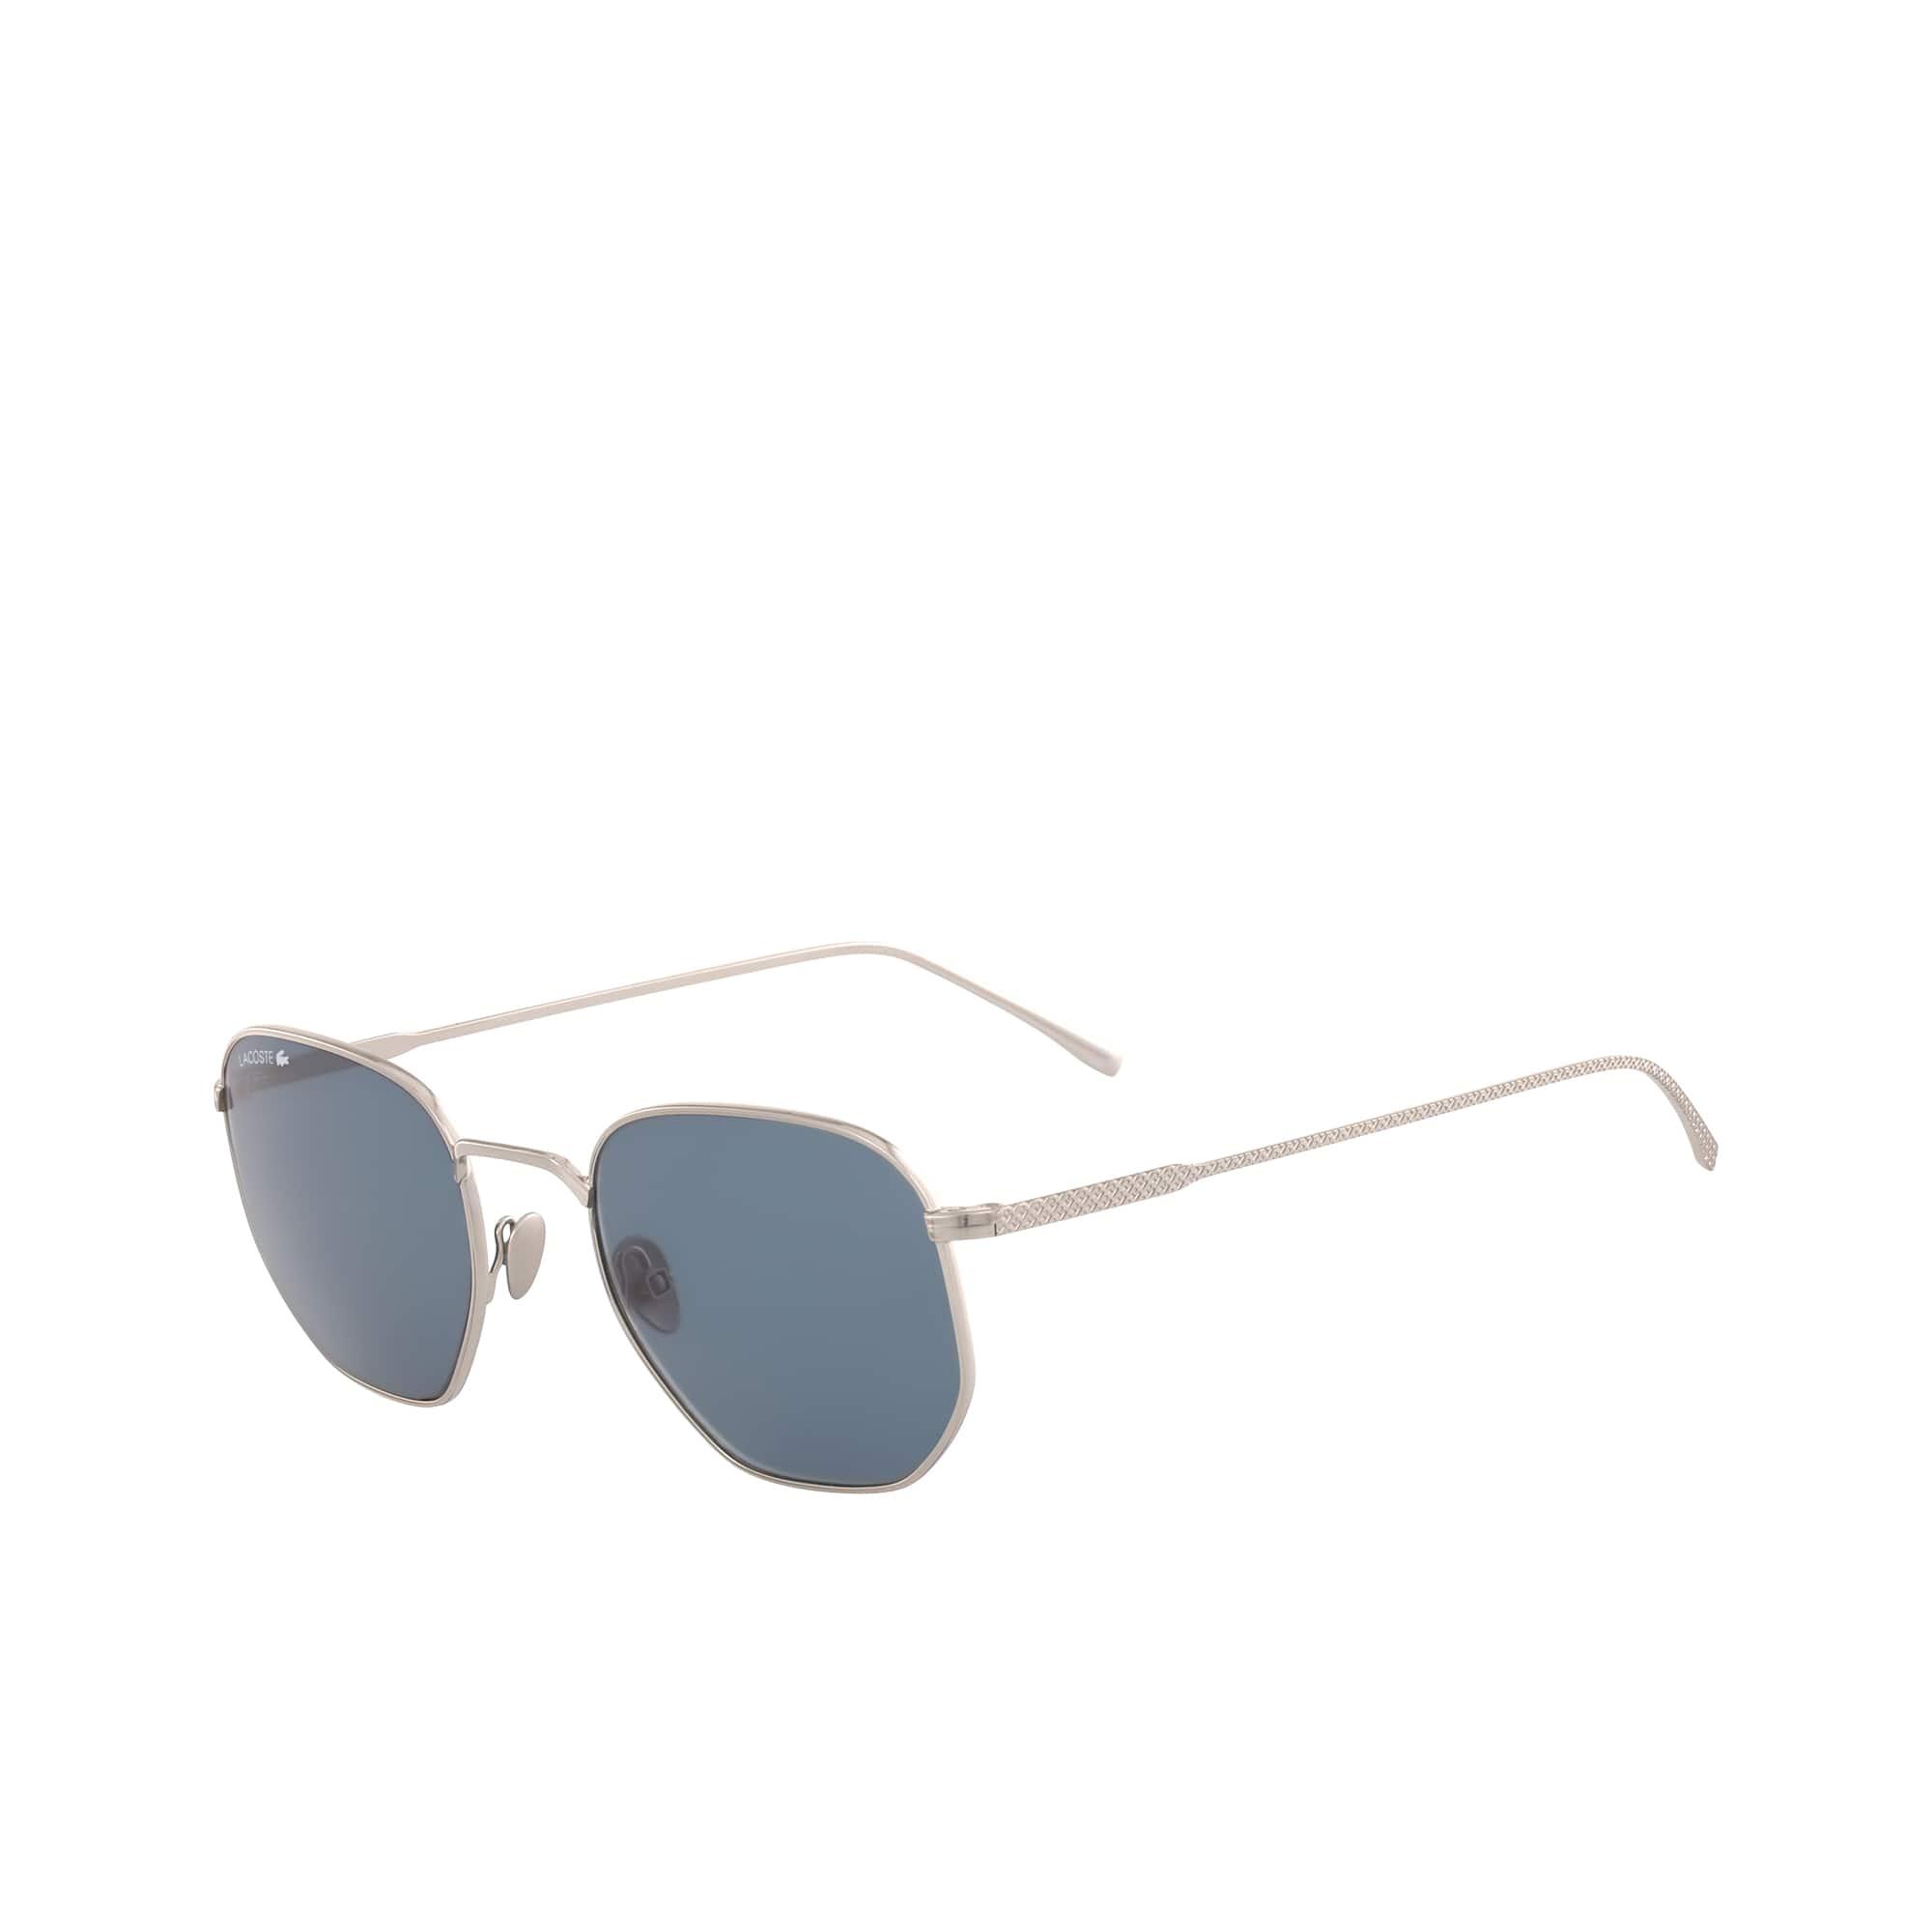 ebc770e100d45 Óculos de Sol para Homem   Acessórios para Homem   LACOSTE